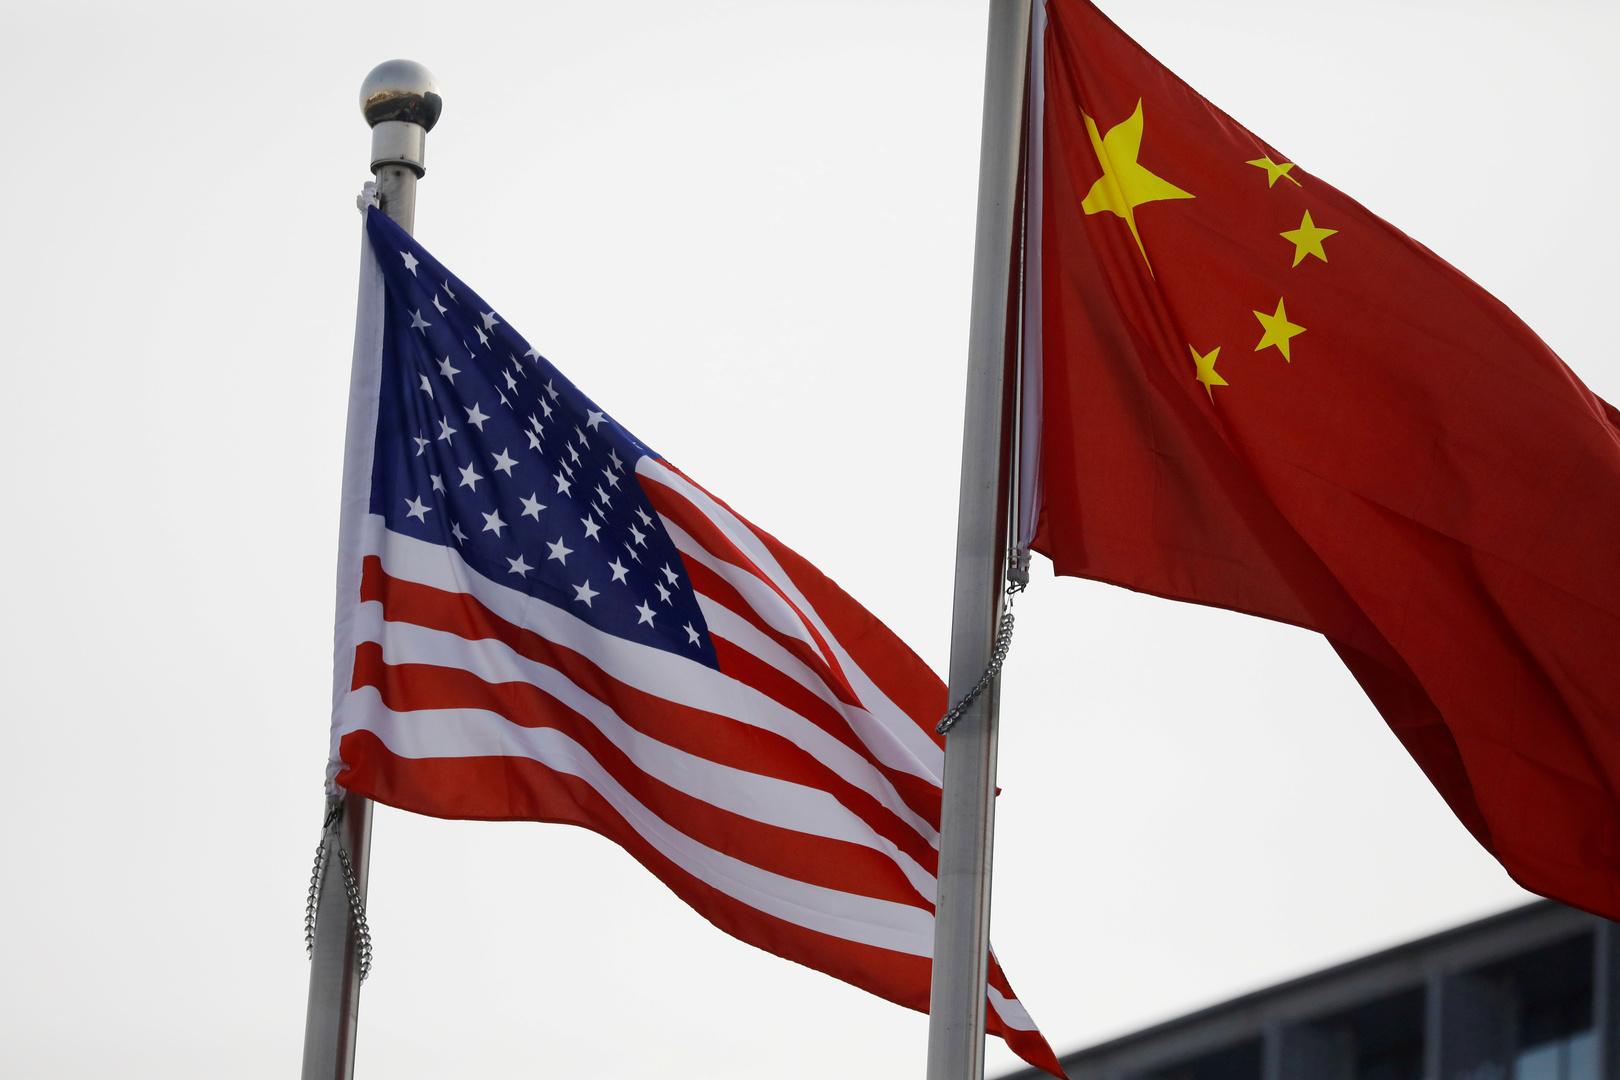 بكين منتقدة واشنطن: لا يمكن إيقاظ من يتظاهر بالنوم